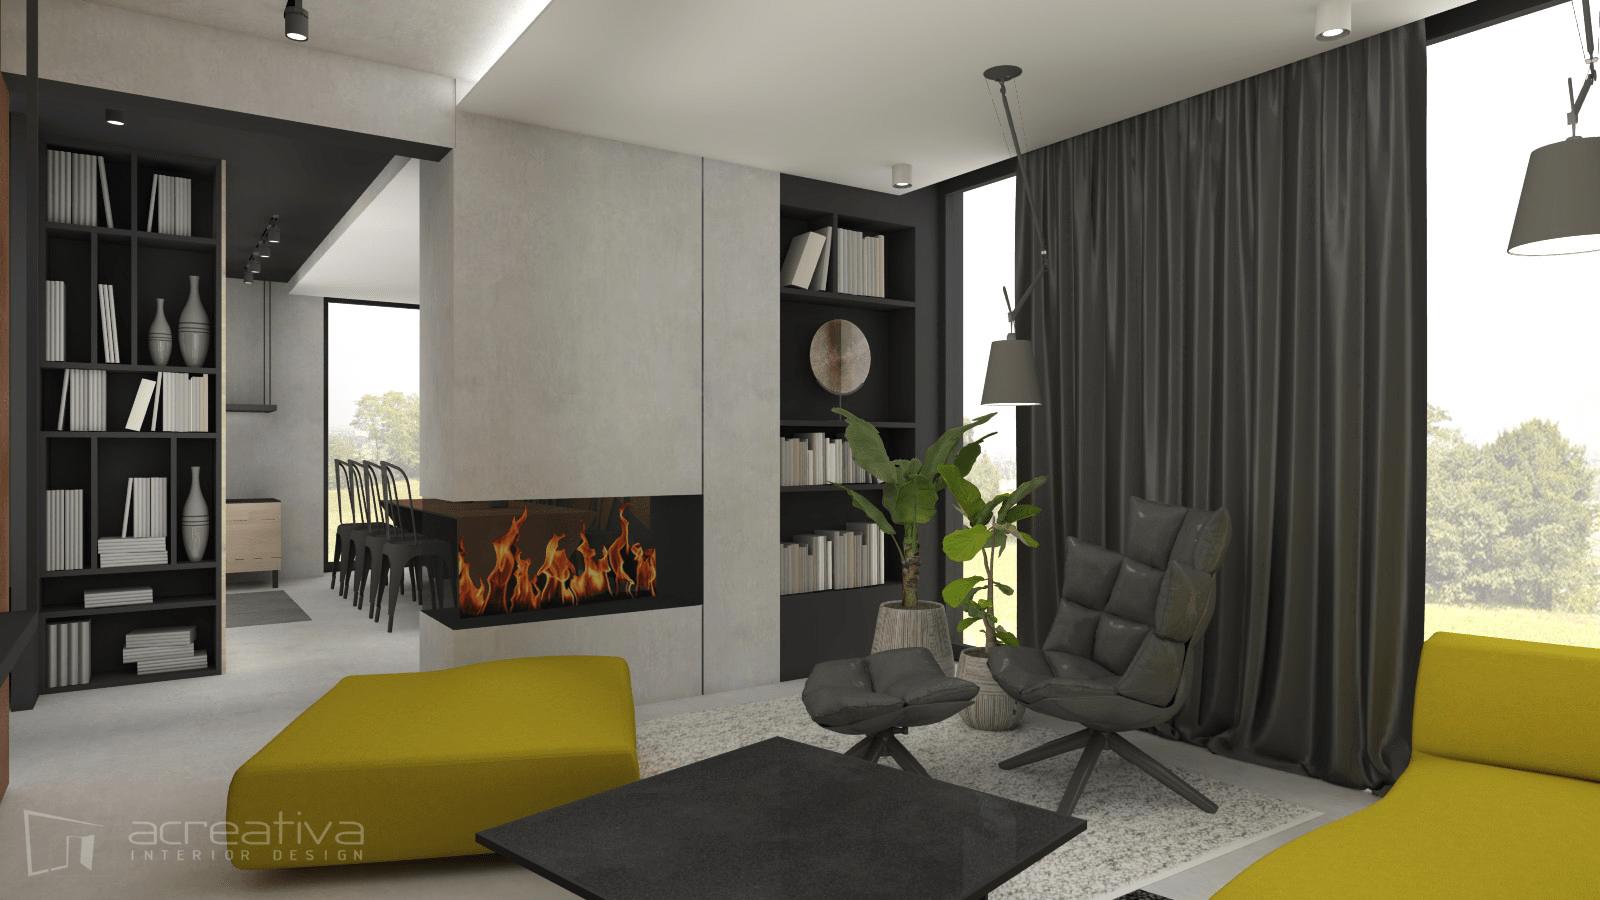 salon_nowoczesny_industrialny_projekt_wnetrz_architekt_online_acreativa.pl_torun_2